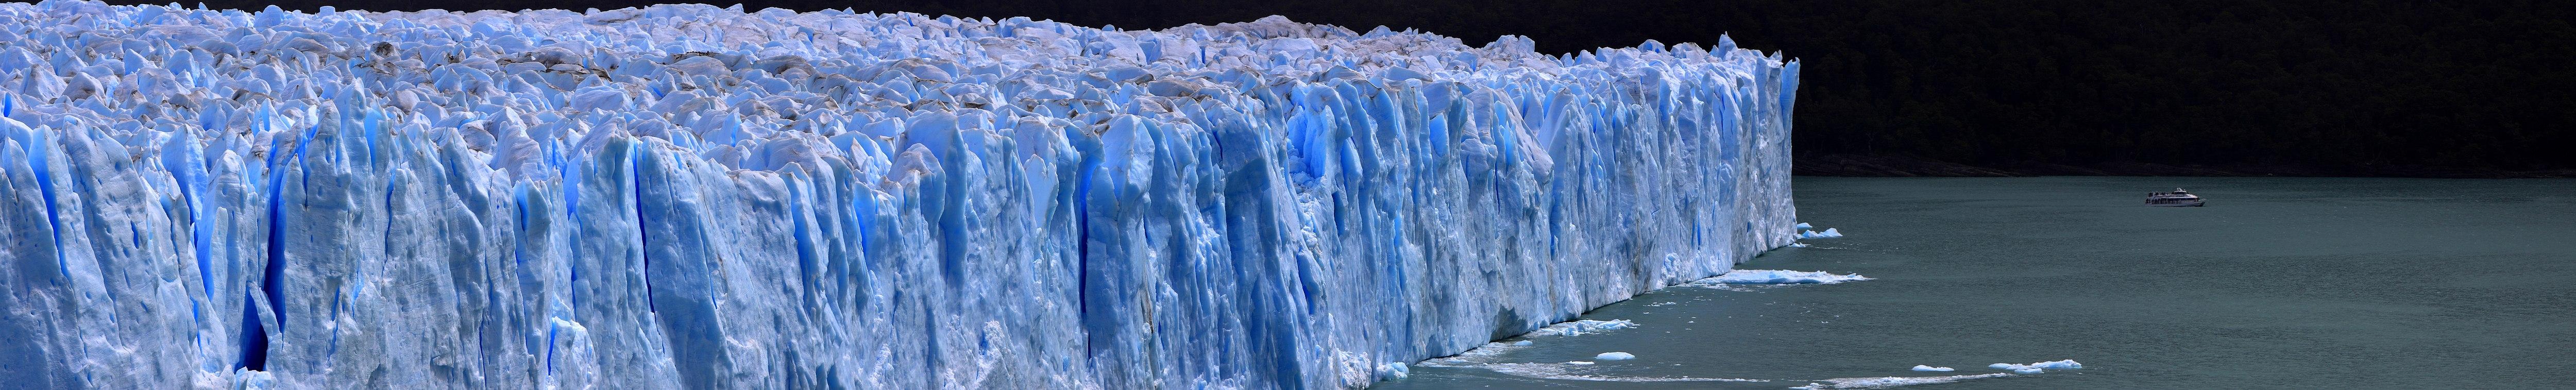 159 - Glacier Perito Moreno - Bateau et glacier - Janvier 2010.jpg